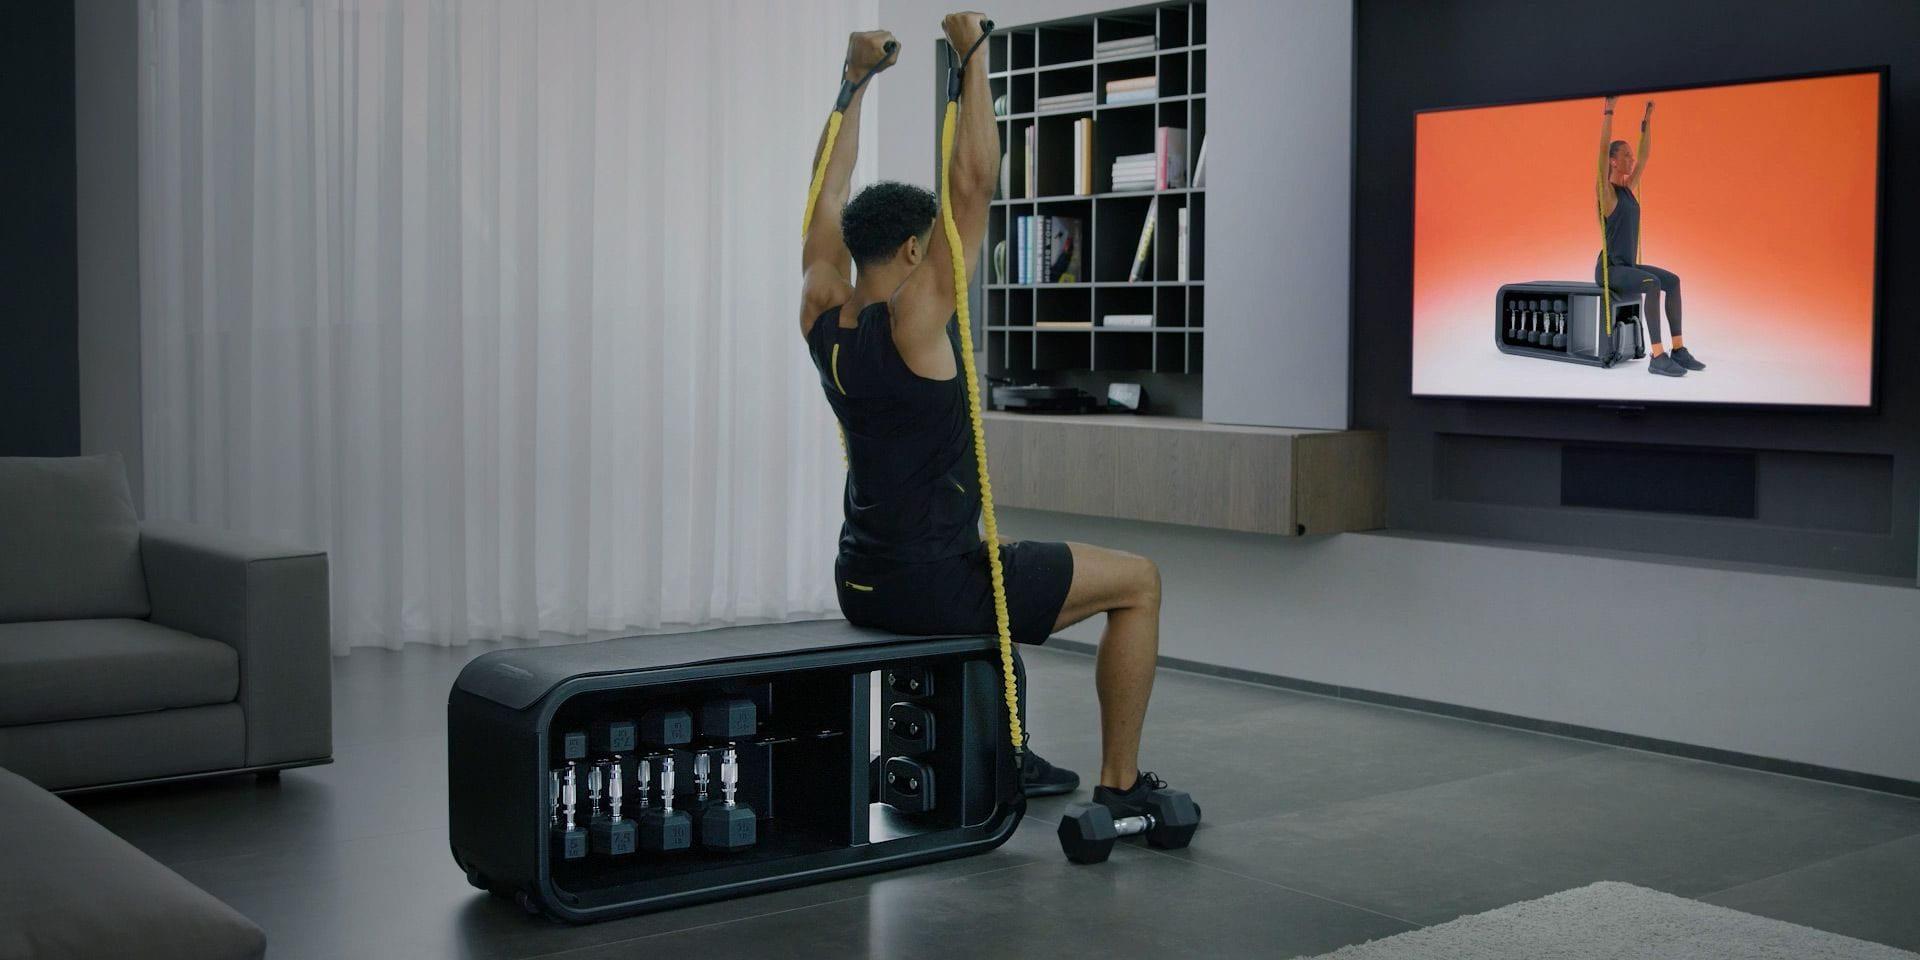 Komplett och kompakt funktionell träningsstation – Technogym Bench